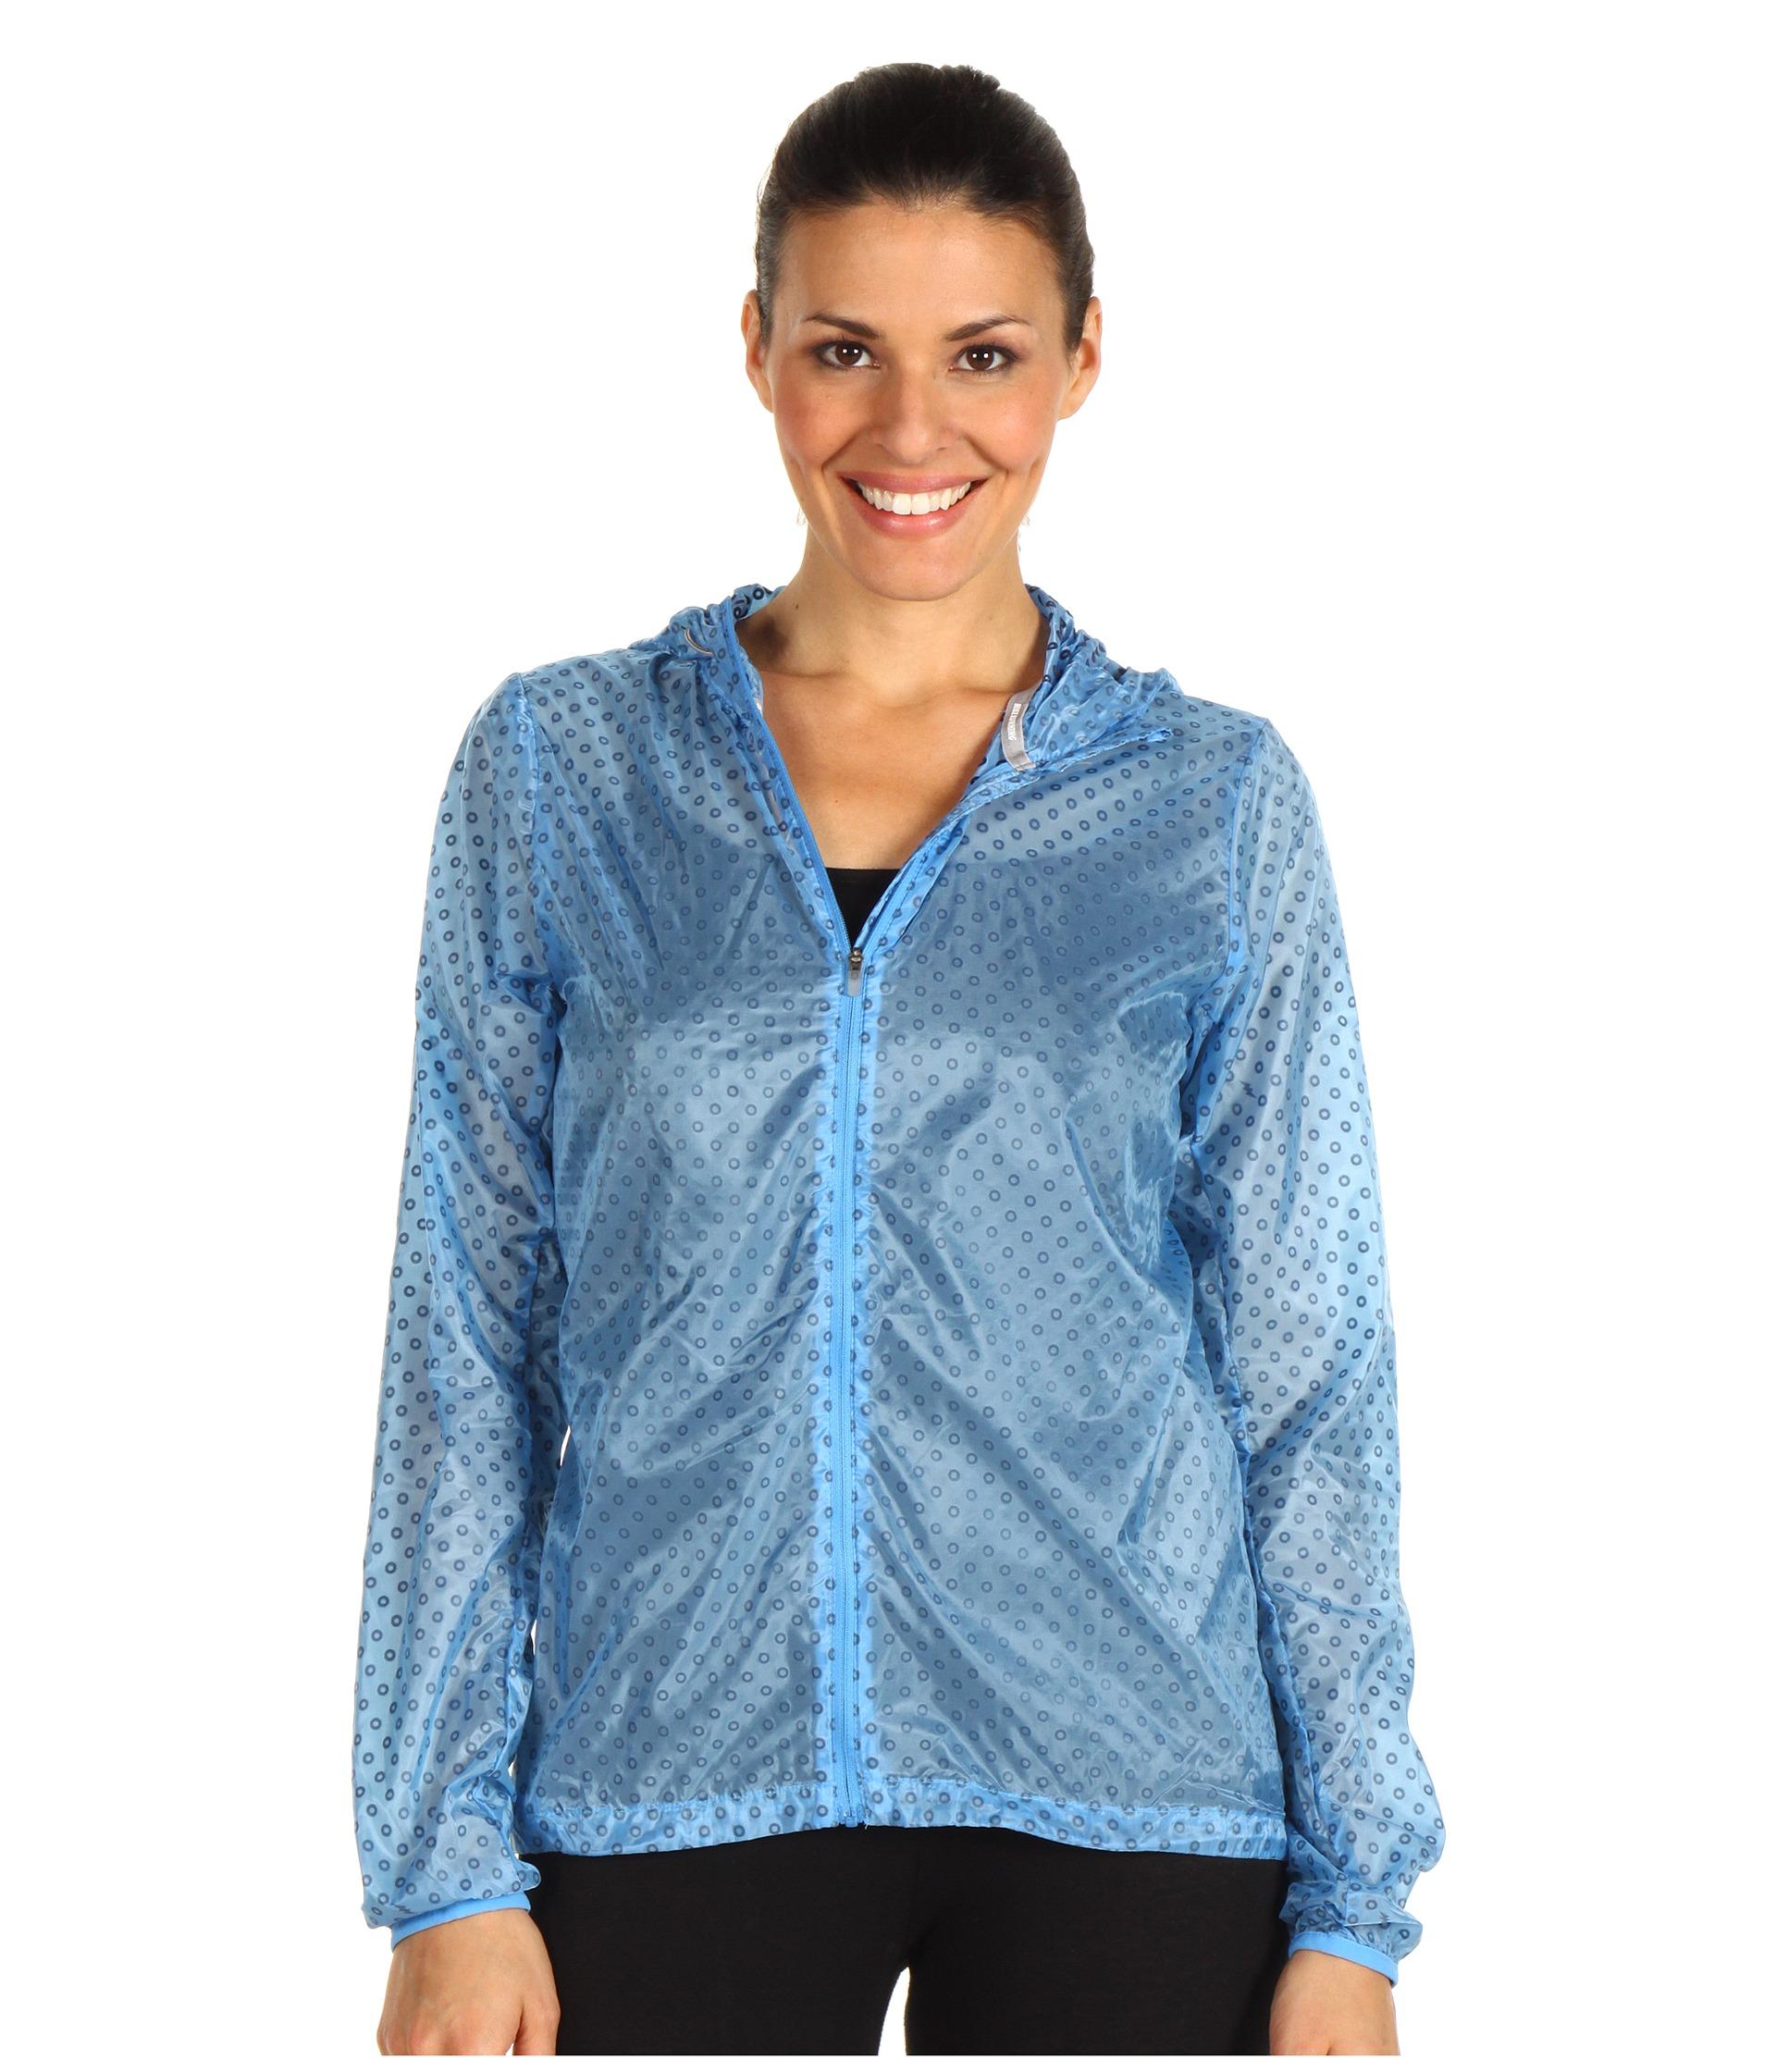 Blue Nike 'Cyclone' rain jacket | SHINY NYLON